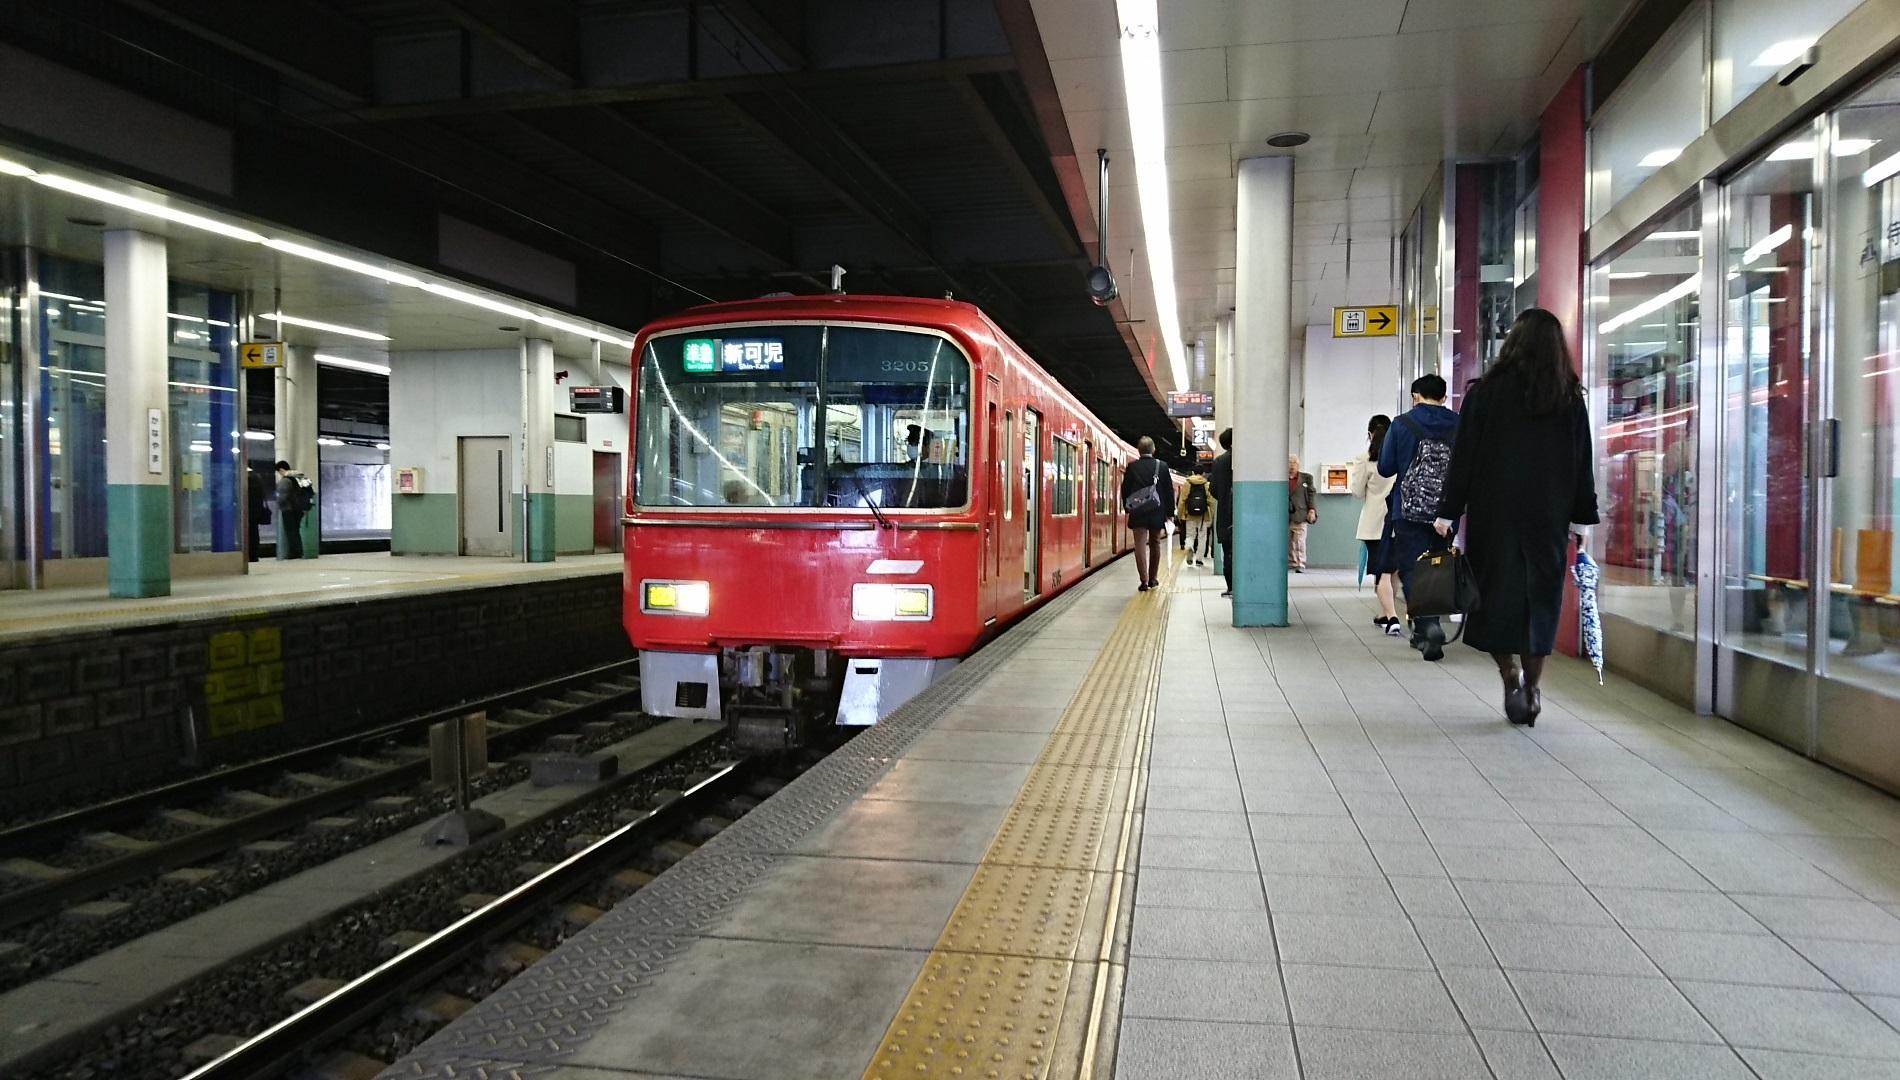 2018.3.20 有松 (7) 金山 - 新可児いき準急(3205) 1900-1080